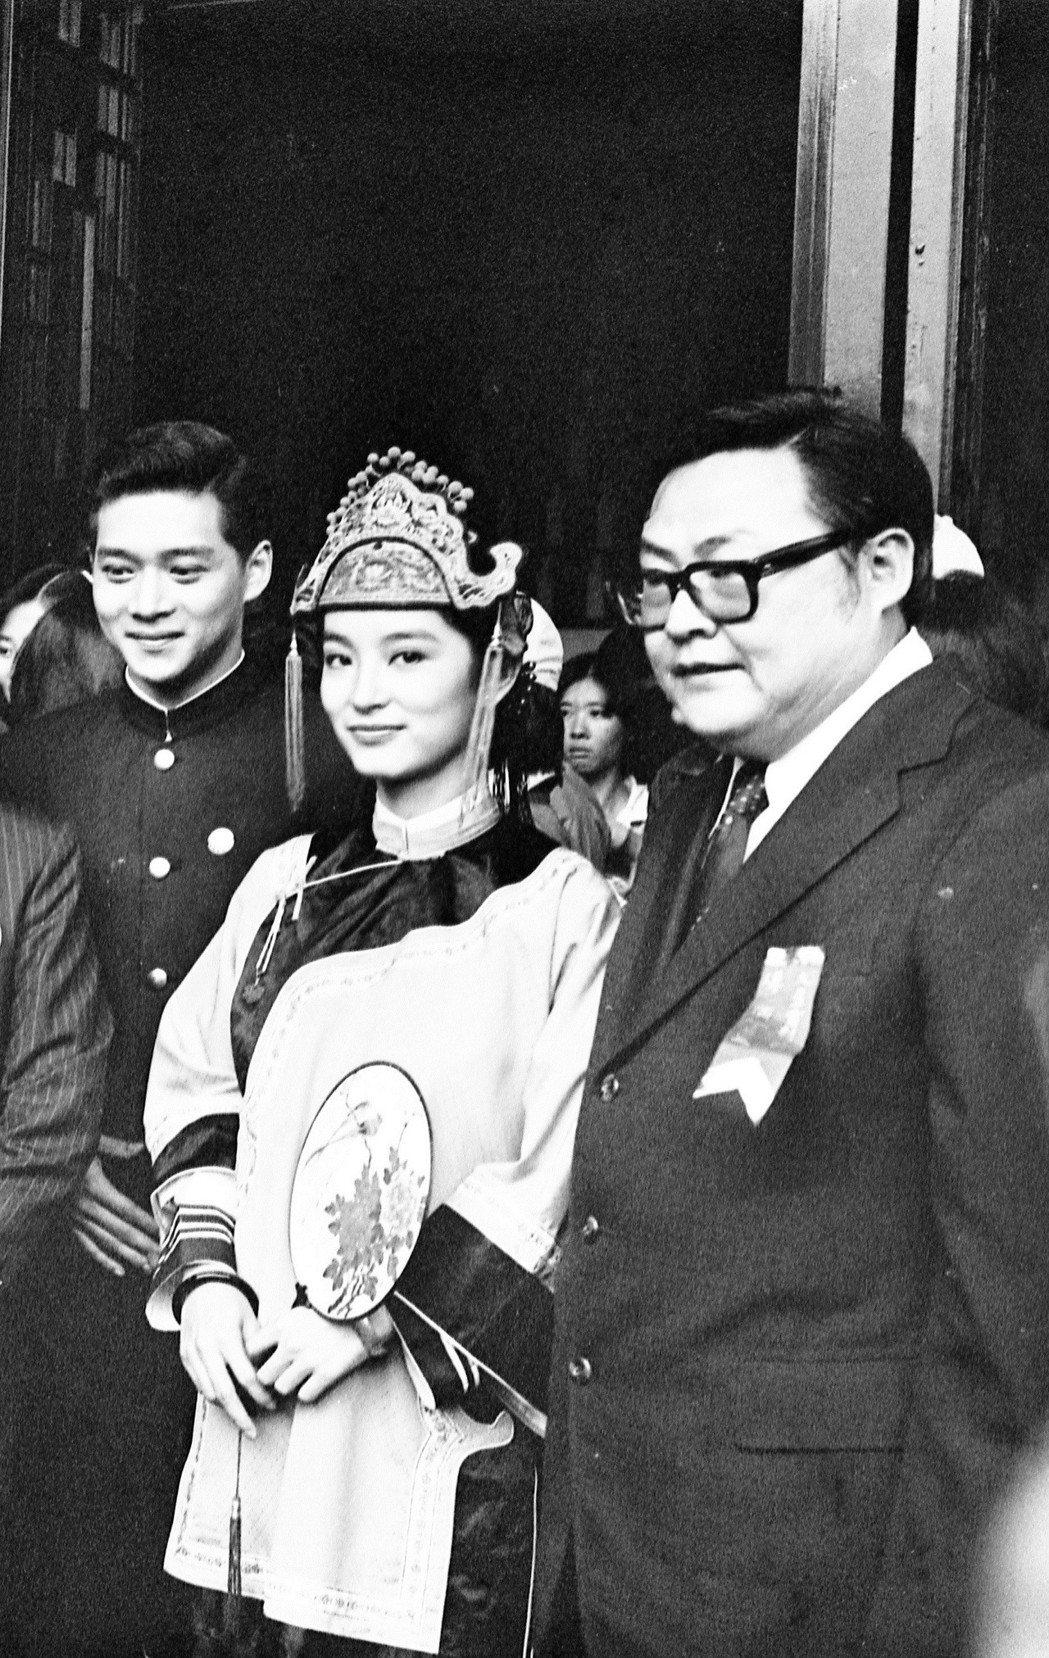 丁善璽(右)執導的「碧血黃花」,周紹棟與林青霞扮演林覺民夫妻。圖/報系資料照片